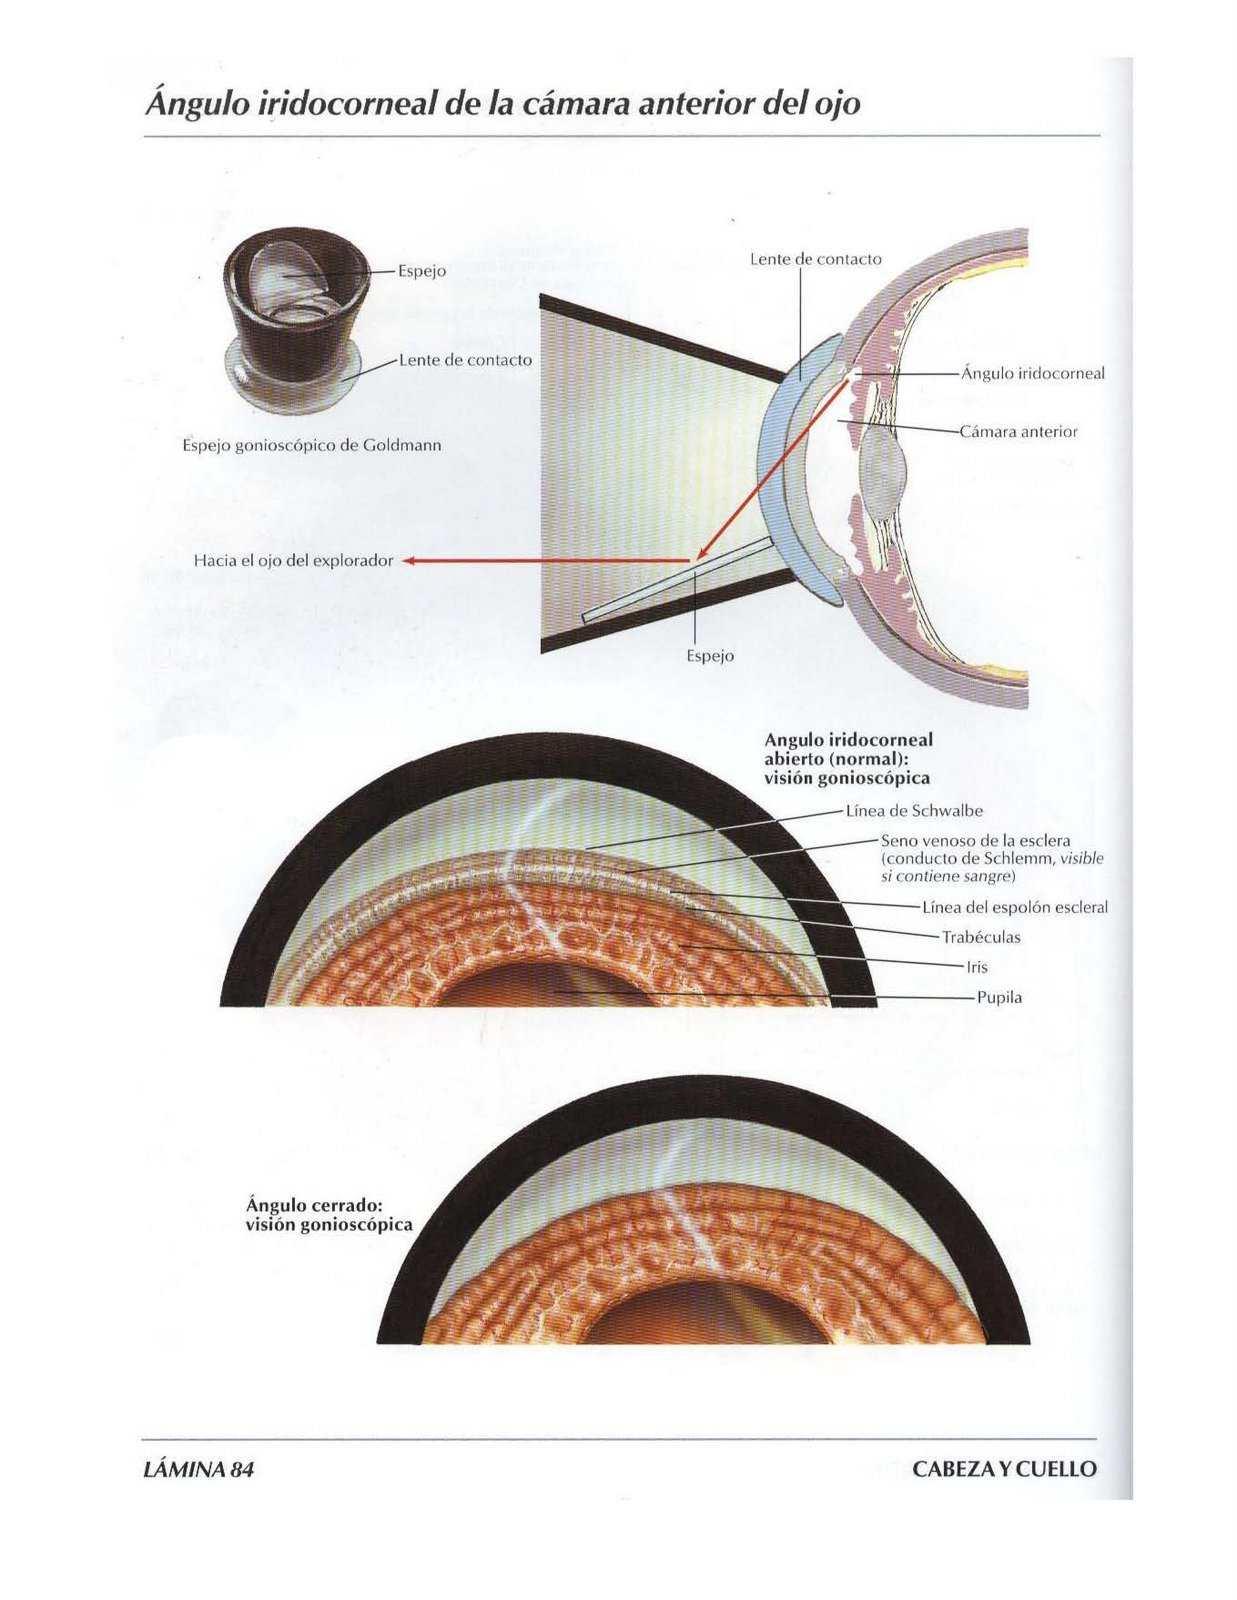 Atlas, anatomía: Ángulo iridocorneal de la cámara anterior del ojo ...